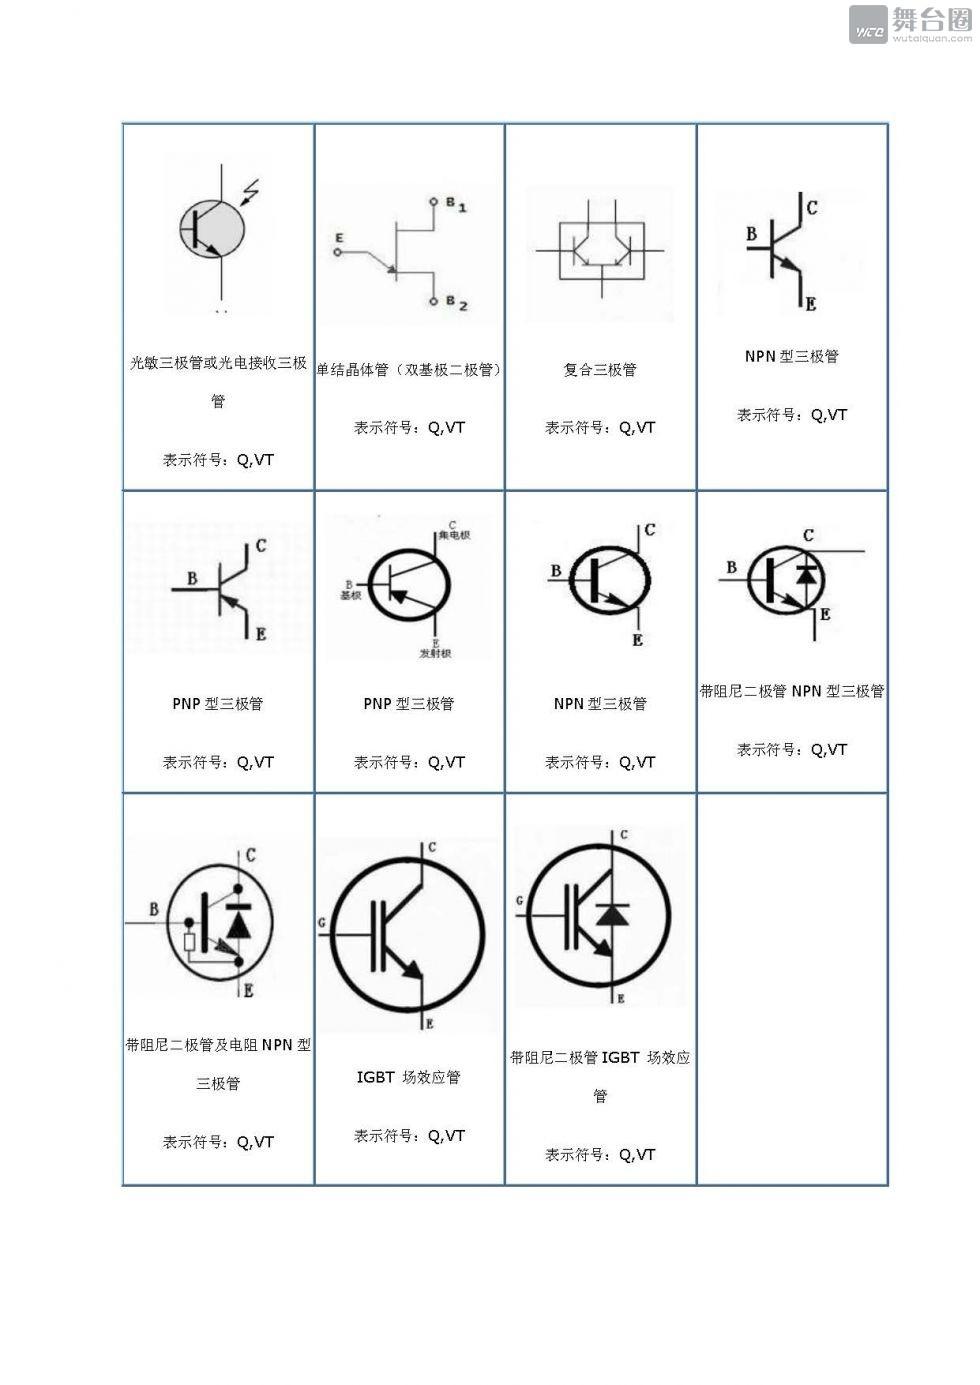 电子元件符号大全_页面_02.jpg